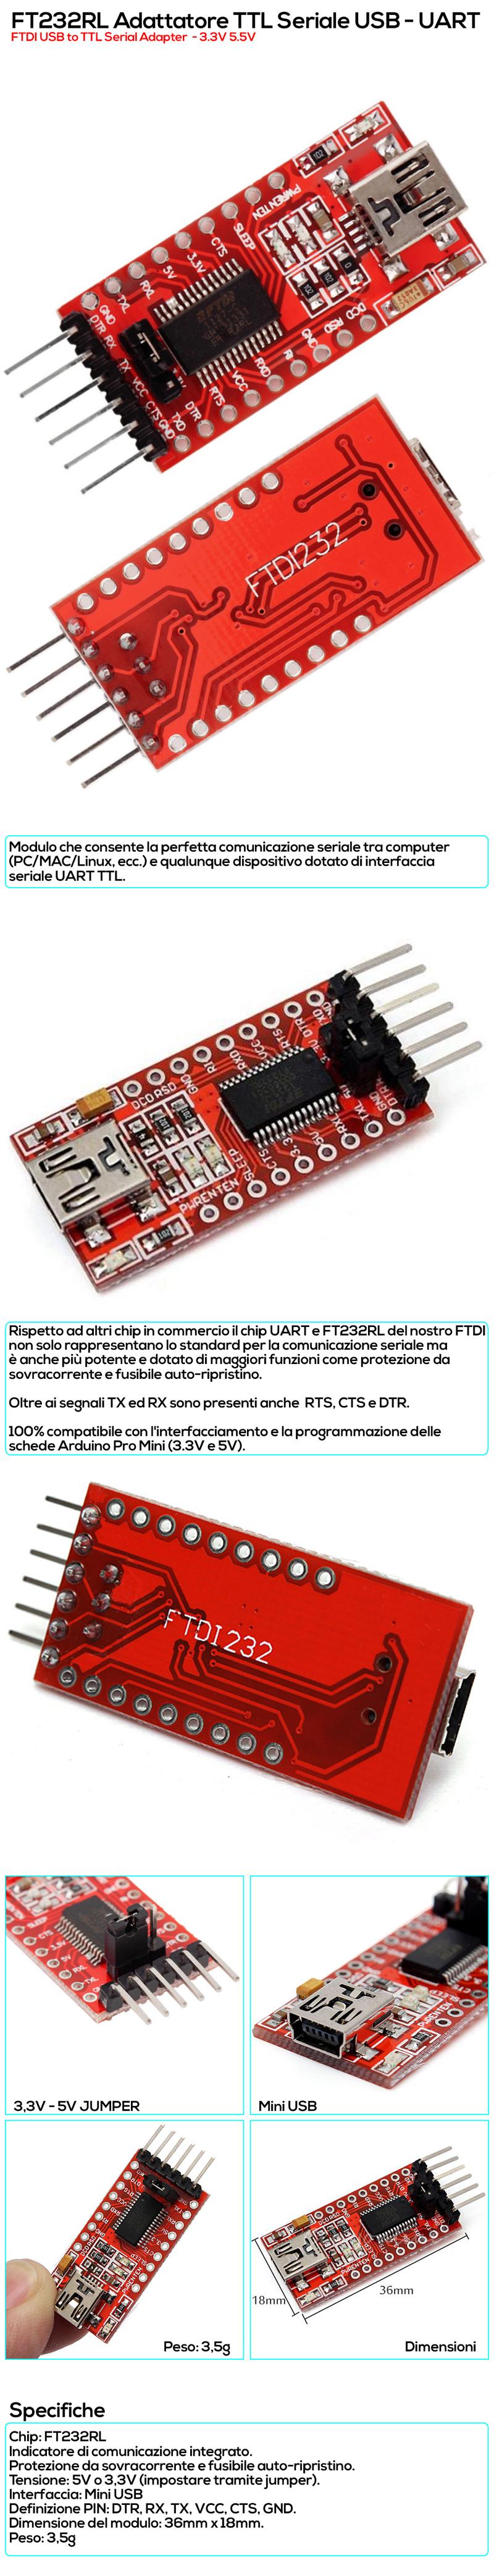 FTDI232-modulo-usb-seriale-costruzione-droni-fpv-drone-arduino-007-systems